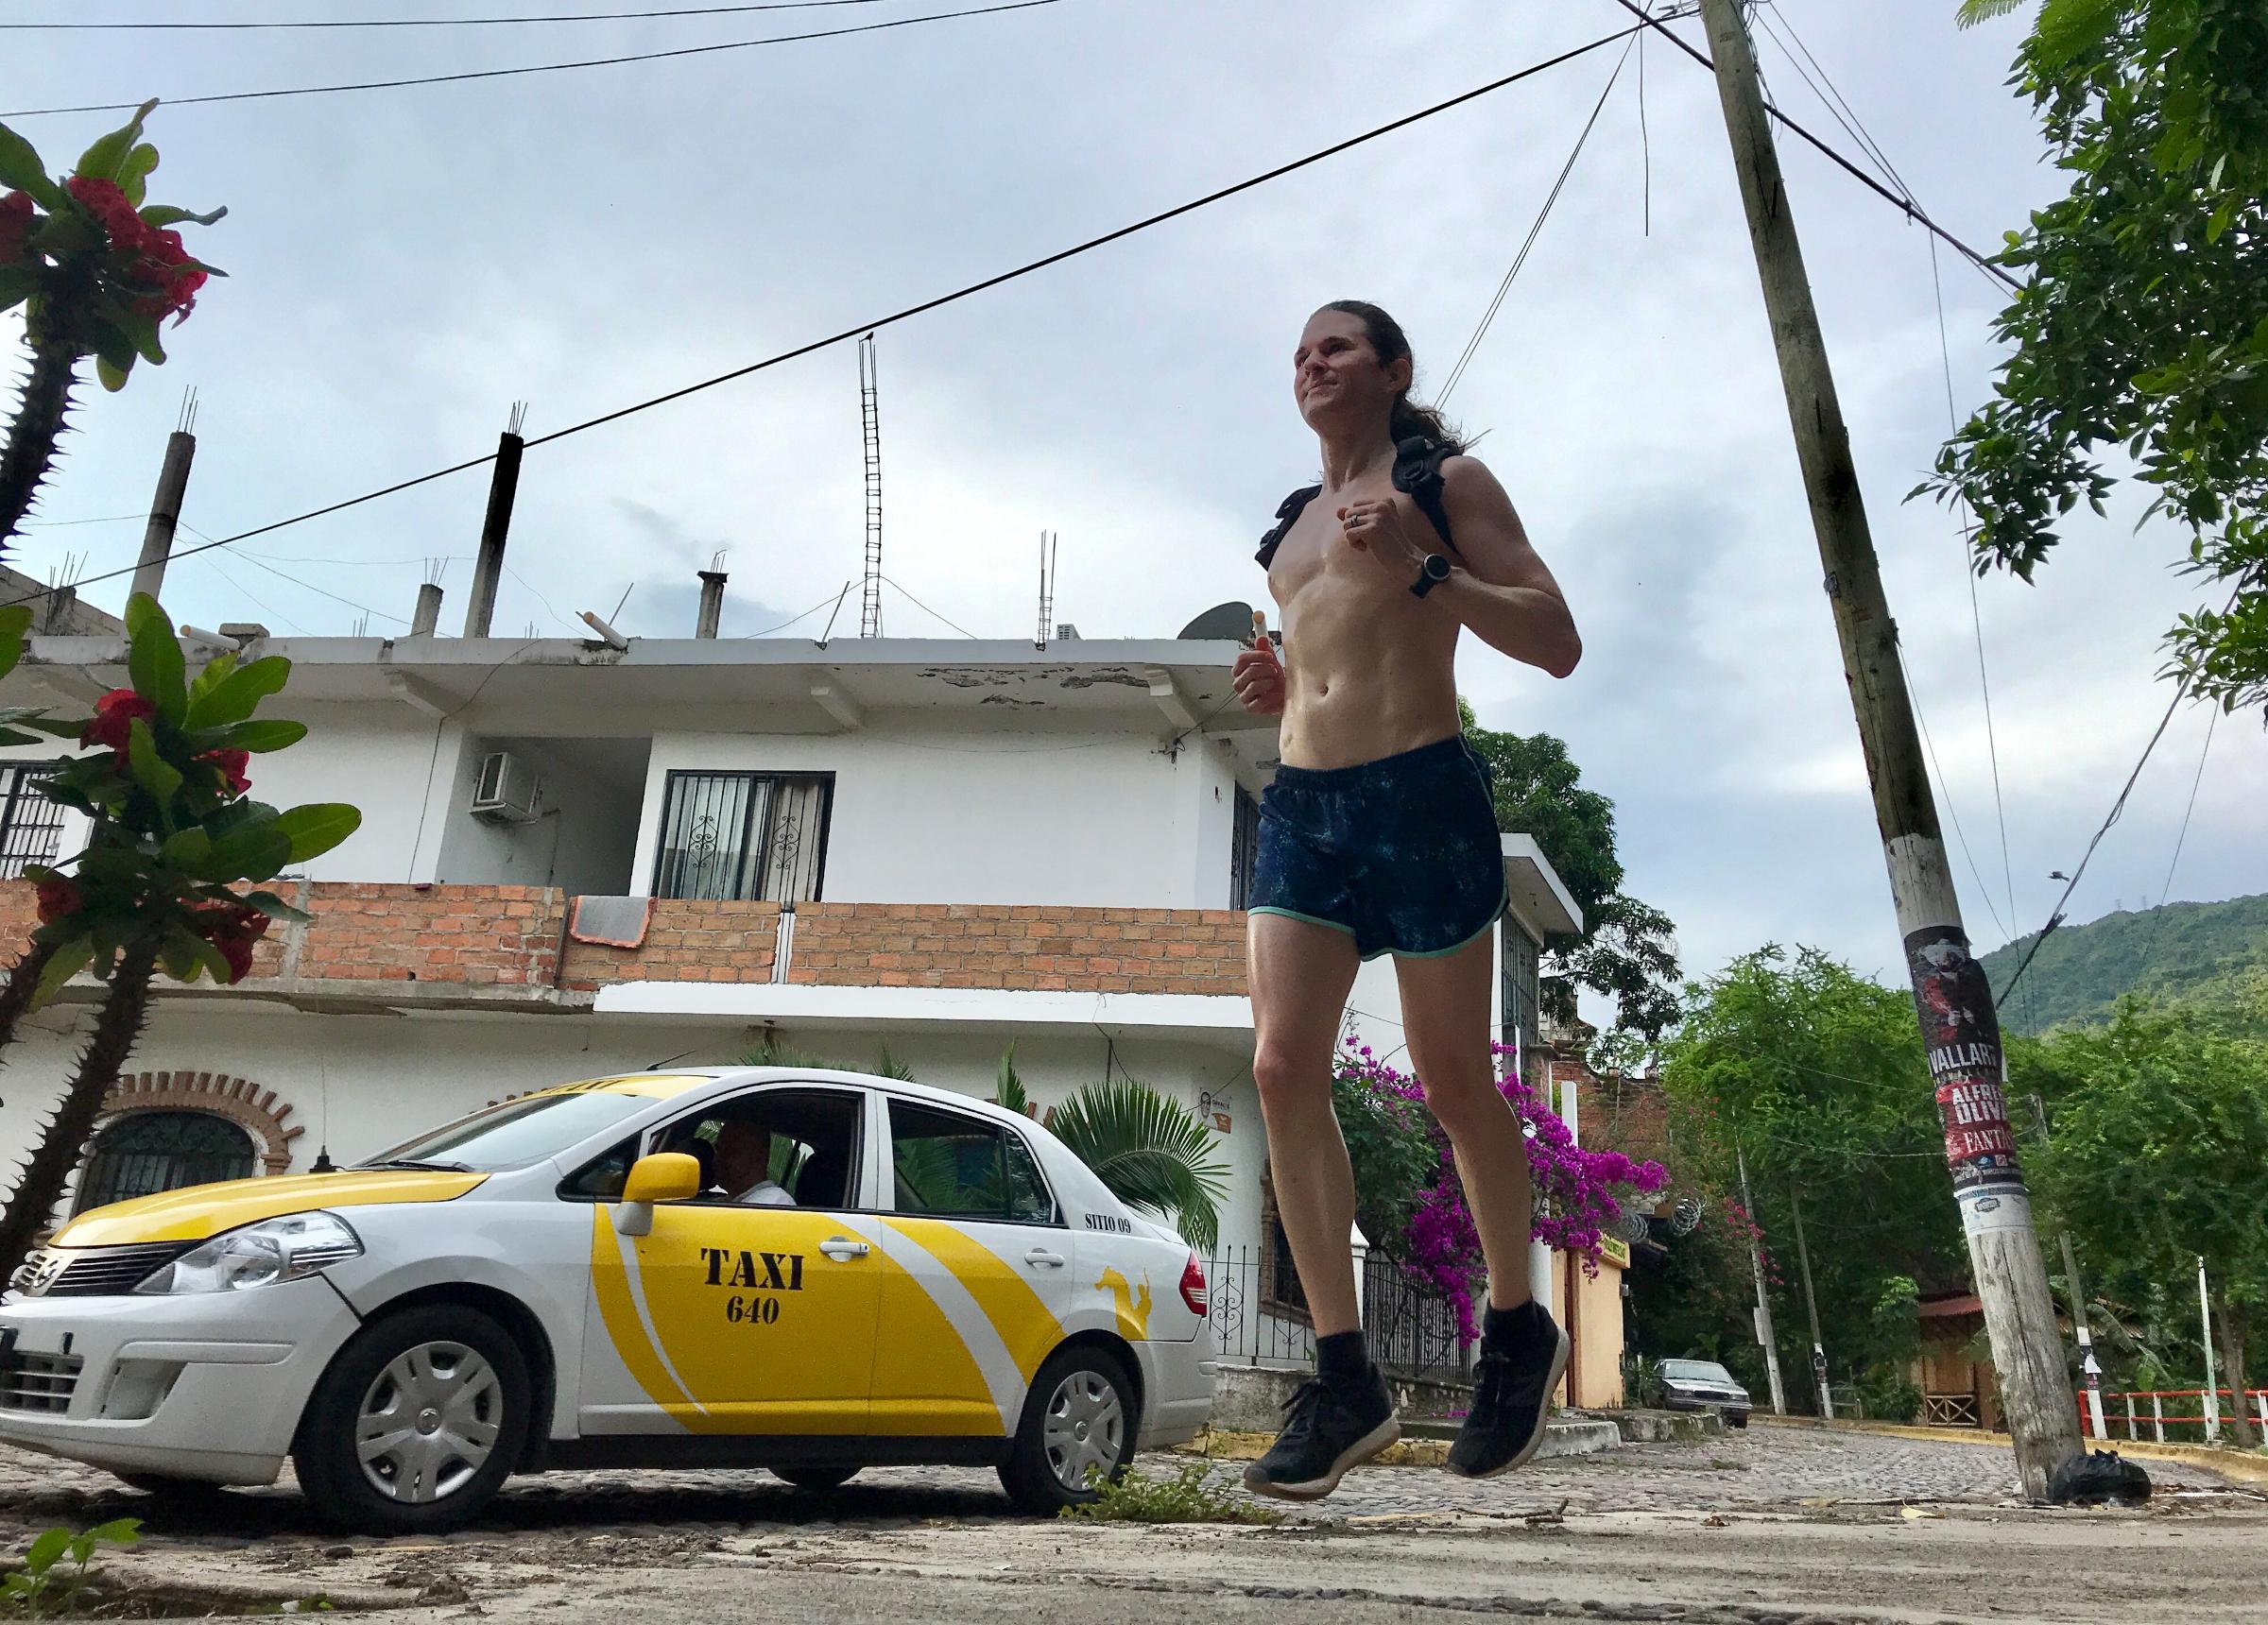 Josh Miller_runJMrun_Puerto Vallarta 20.jpg